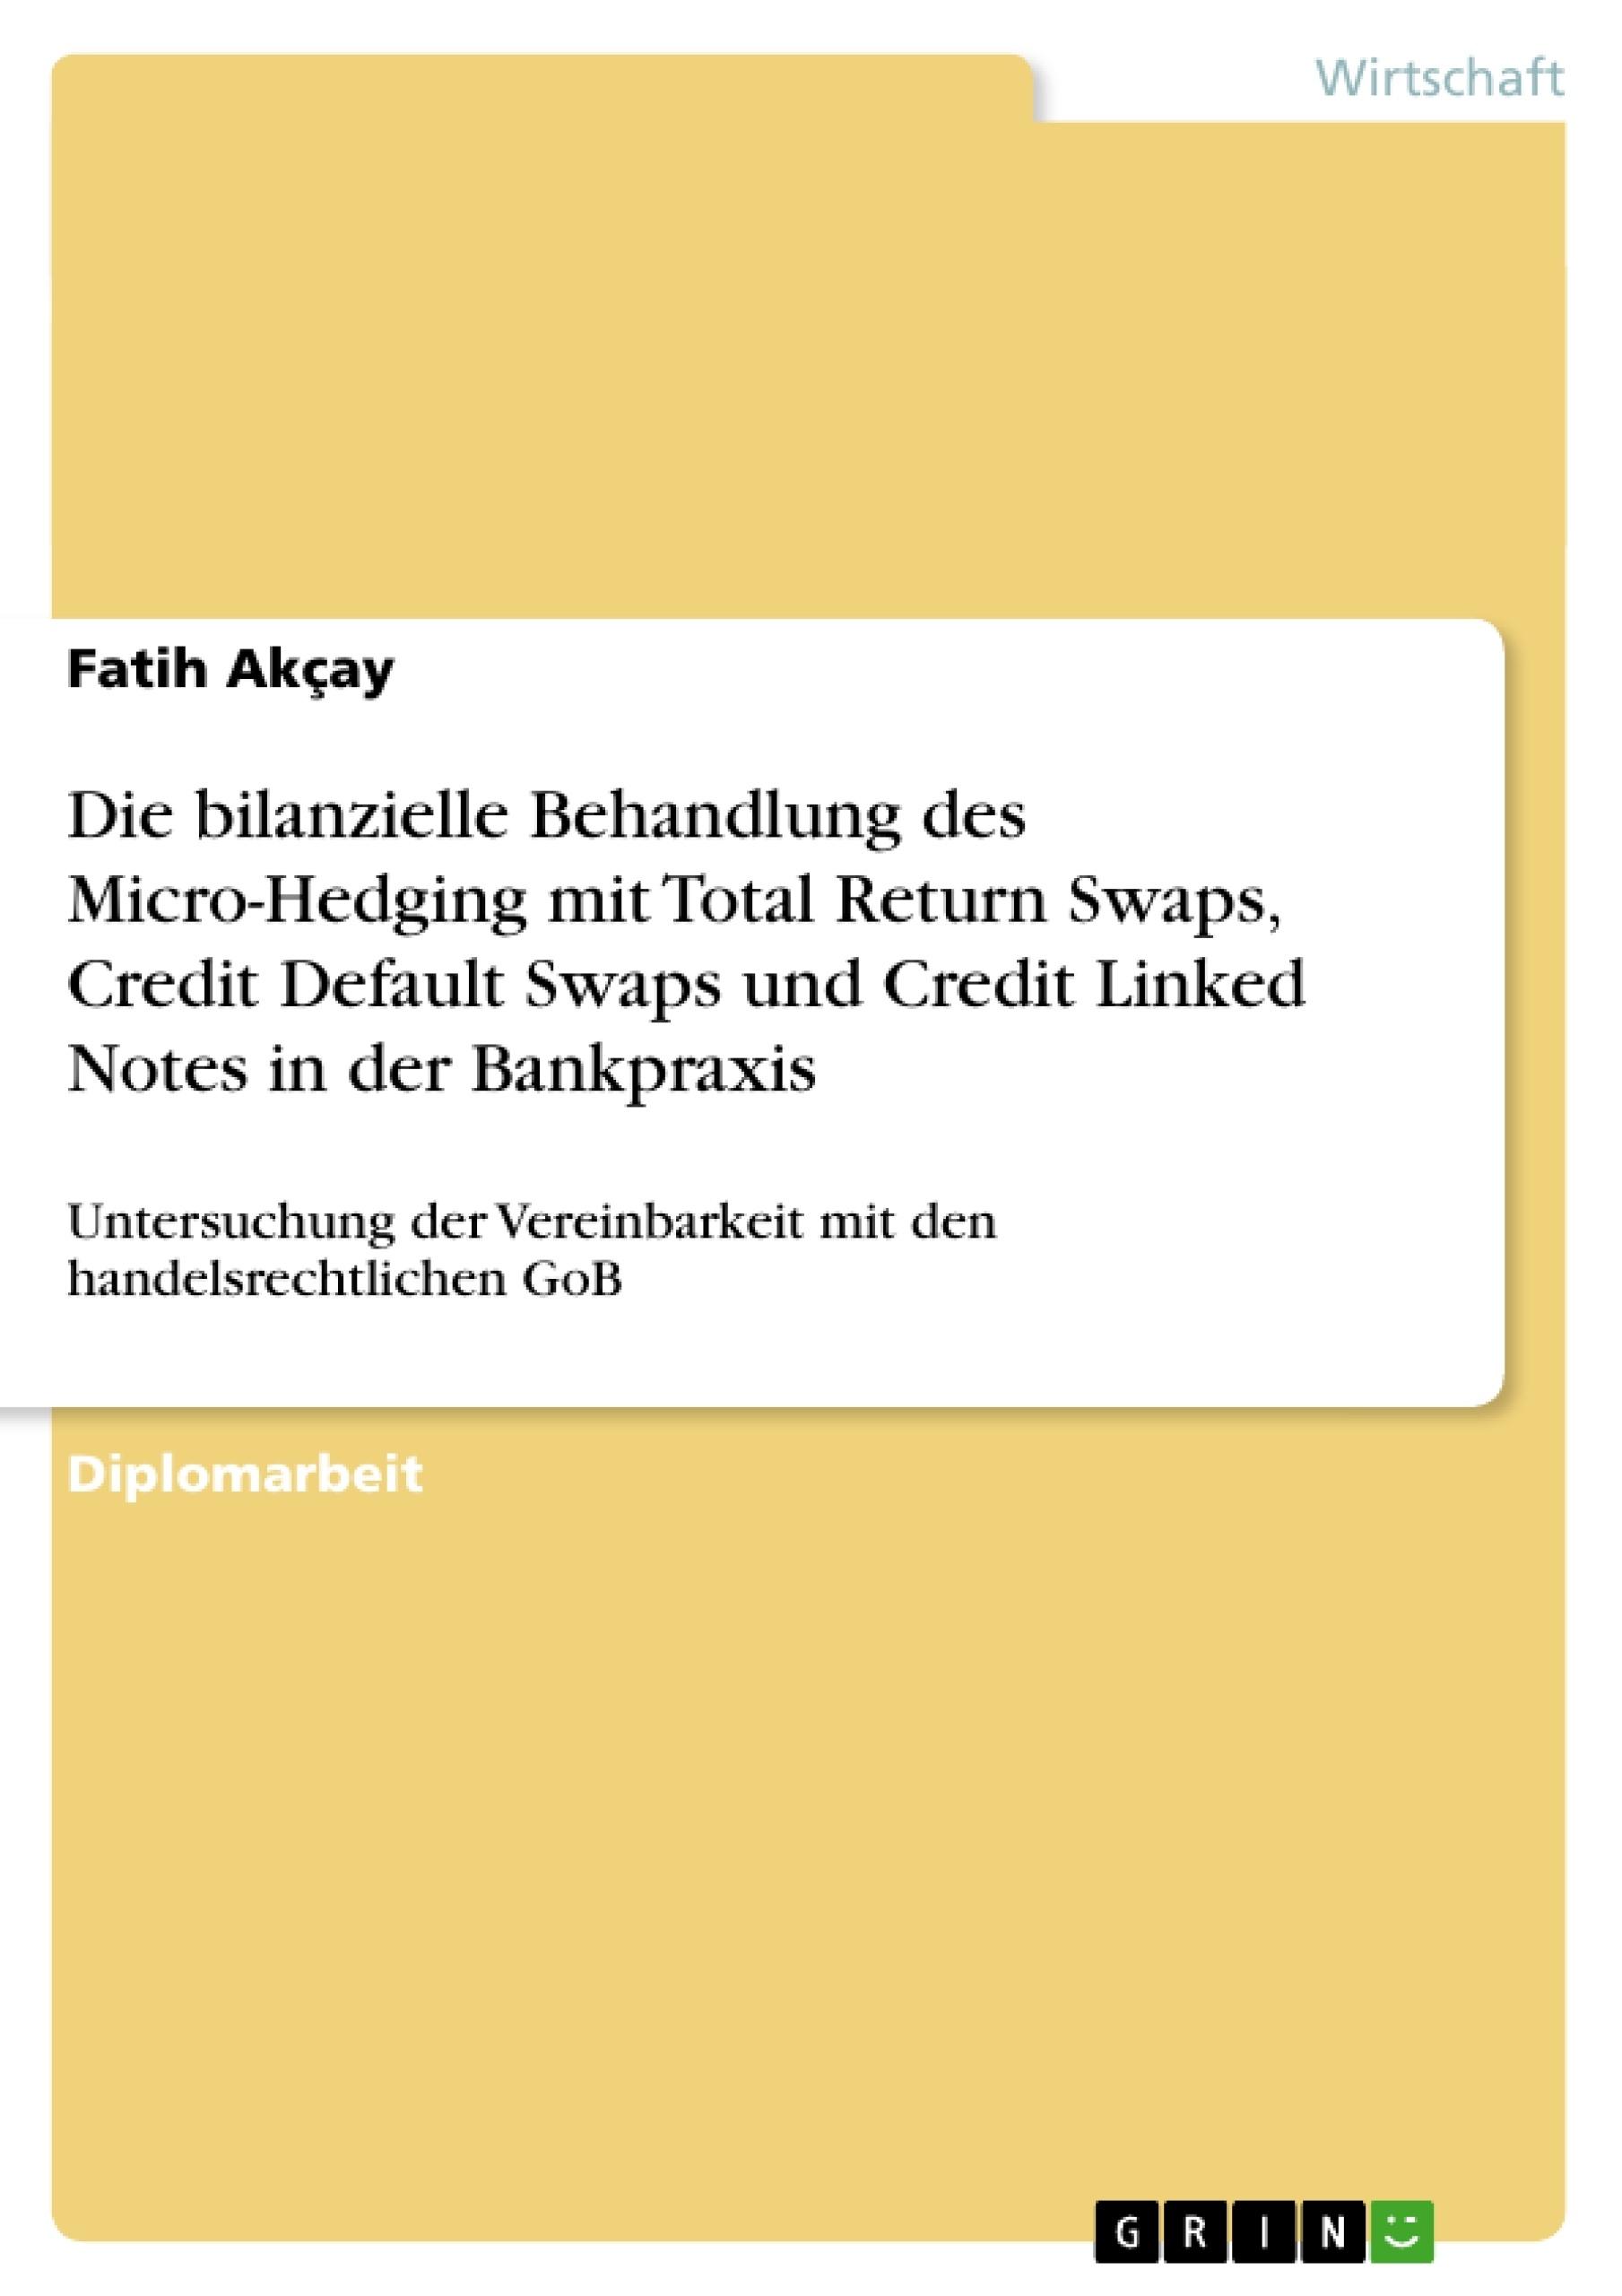 Titel: Die bilanzielle Behandlung des Micro-Hedging mit Total Return Swaps, Credit Default Swaps und Credit Linked Notes in der Bankpraxis